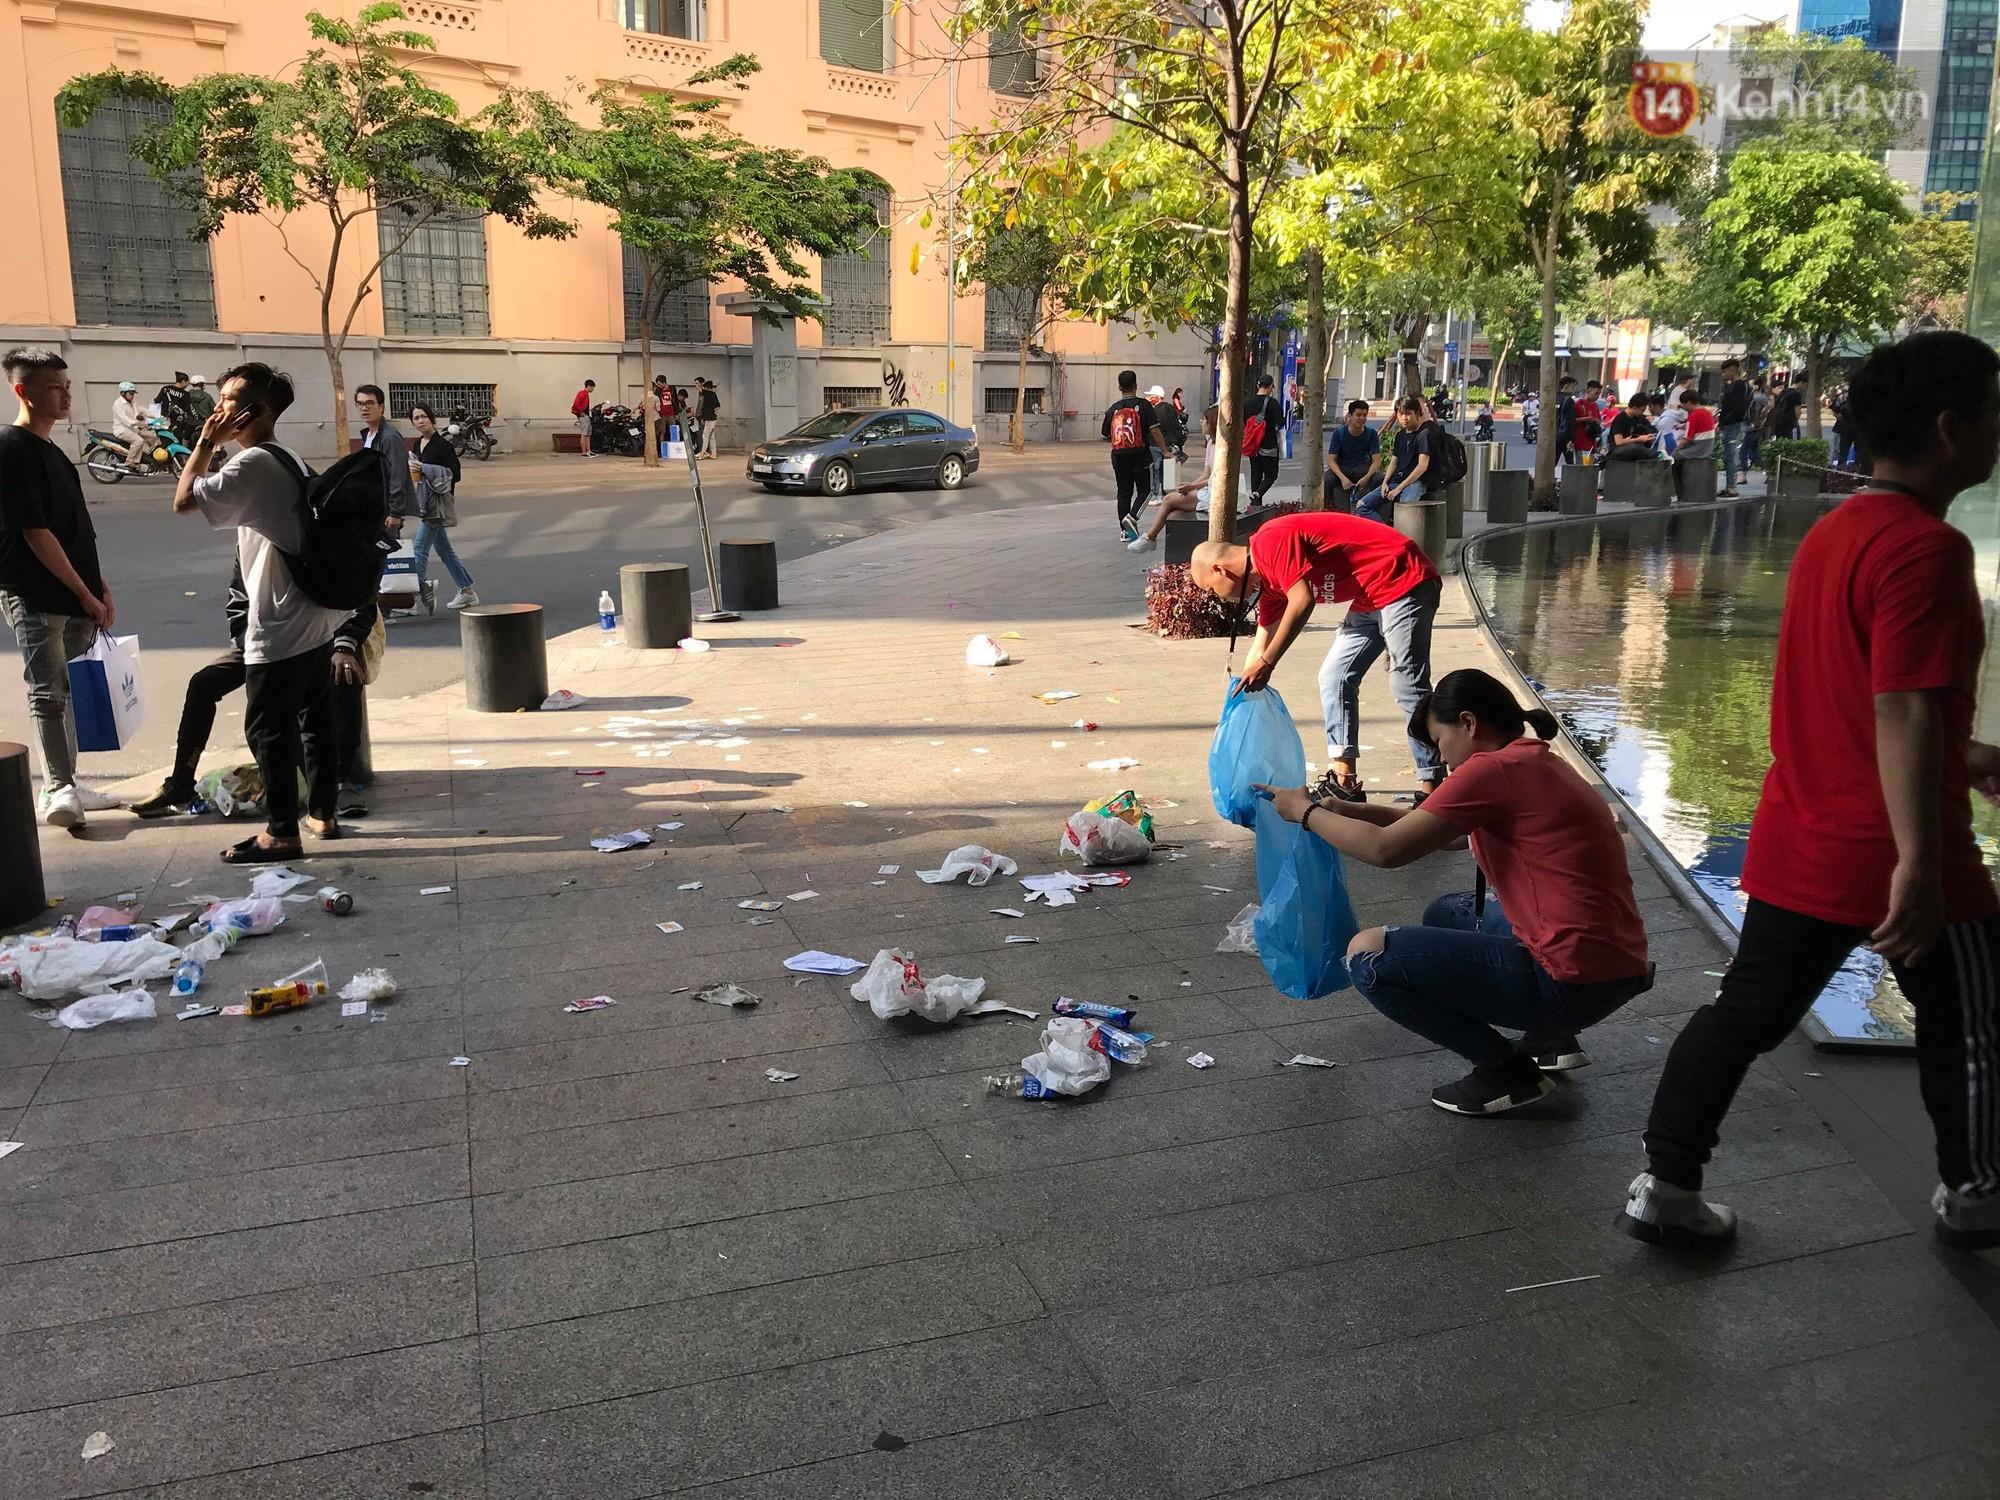 Sau khi cắm cọc qua đêm tại Bitexco để mua giày hiệu, dân tình hồn nhiên vứt đầy rác trước cửa hàng - Ảnh 7.